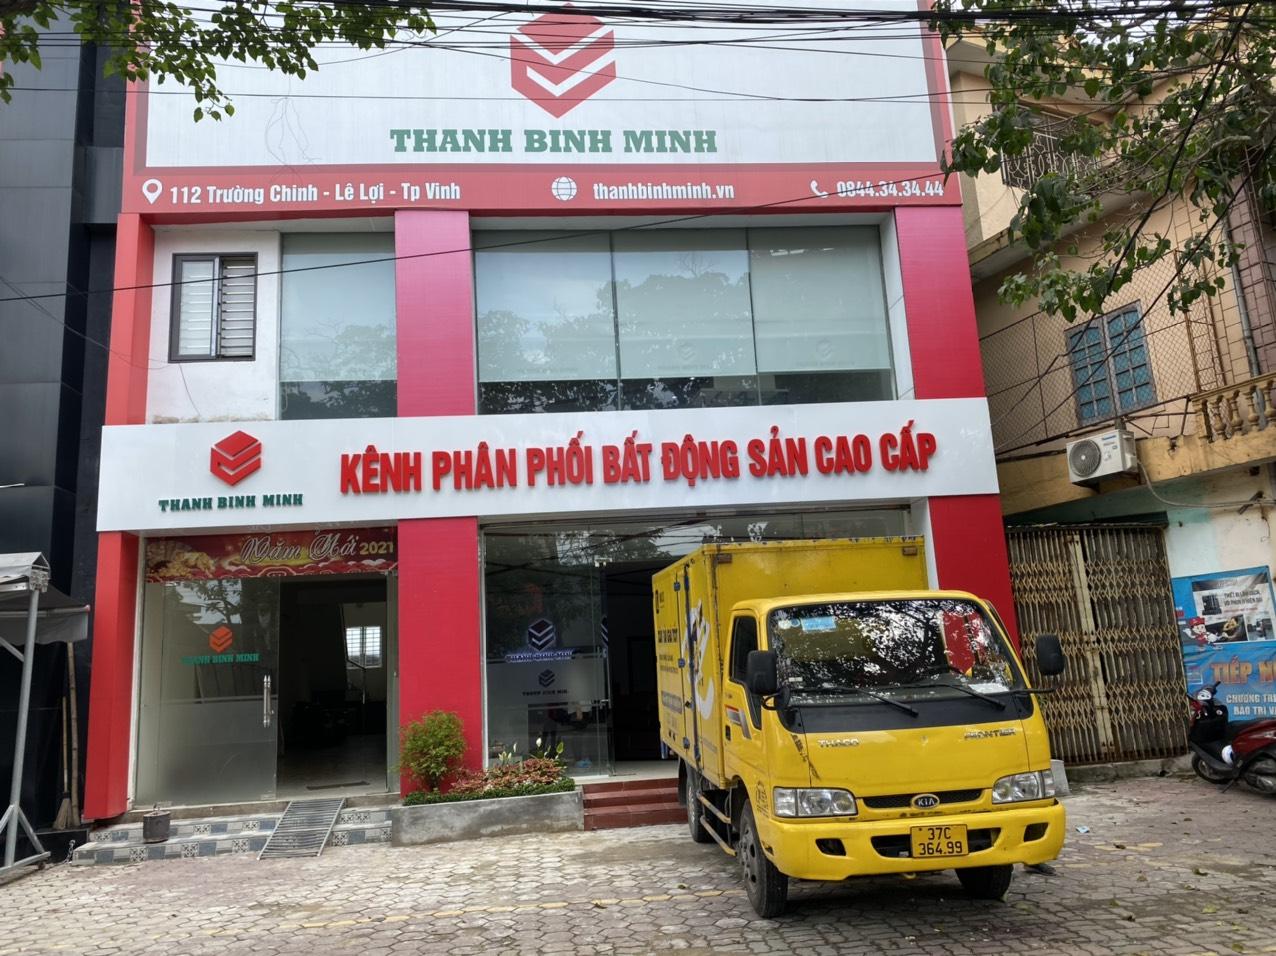 Dịch vụ chuyển nhà tại Nghệ An trọn gói dịp lễ 30/4 - 1/5 | Vận tải Nam Lộc